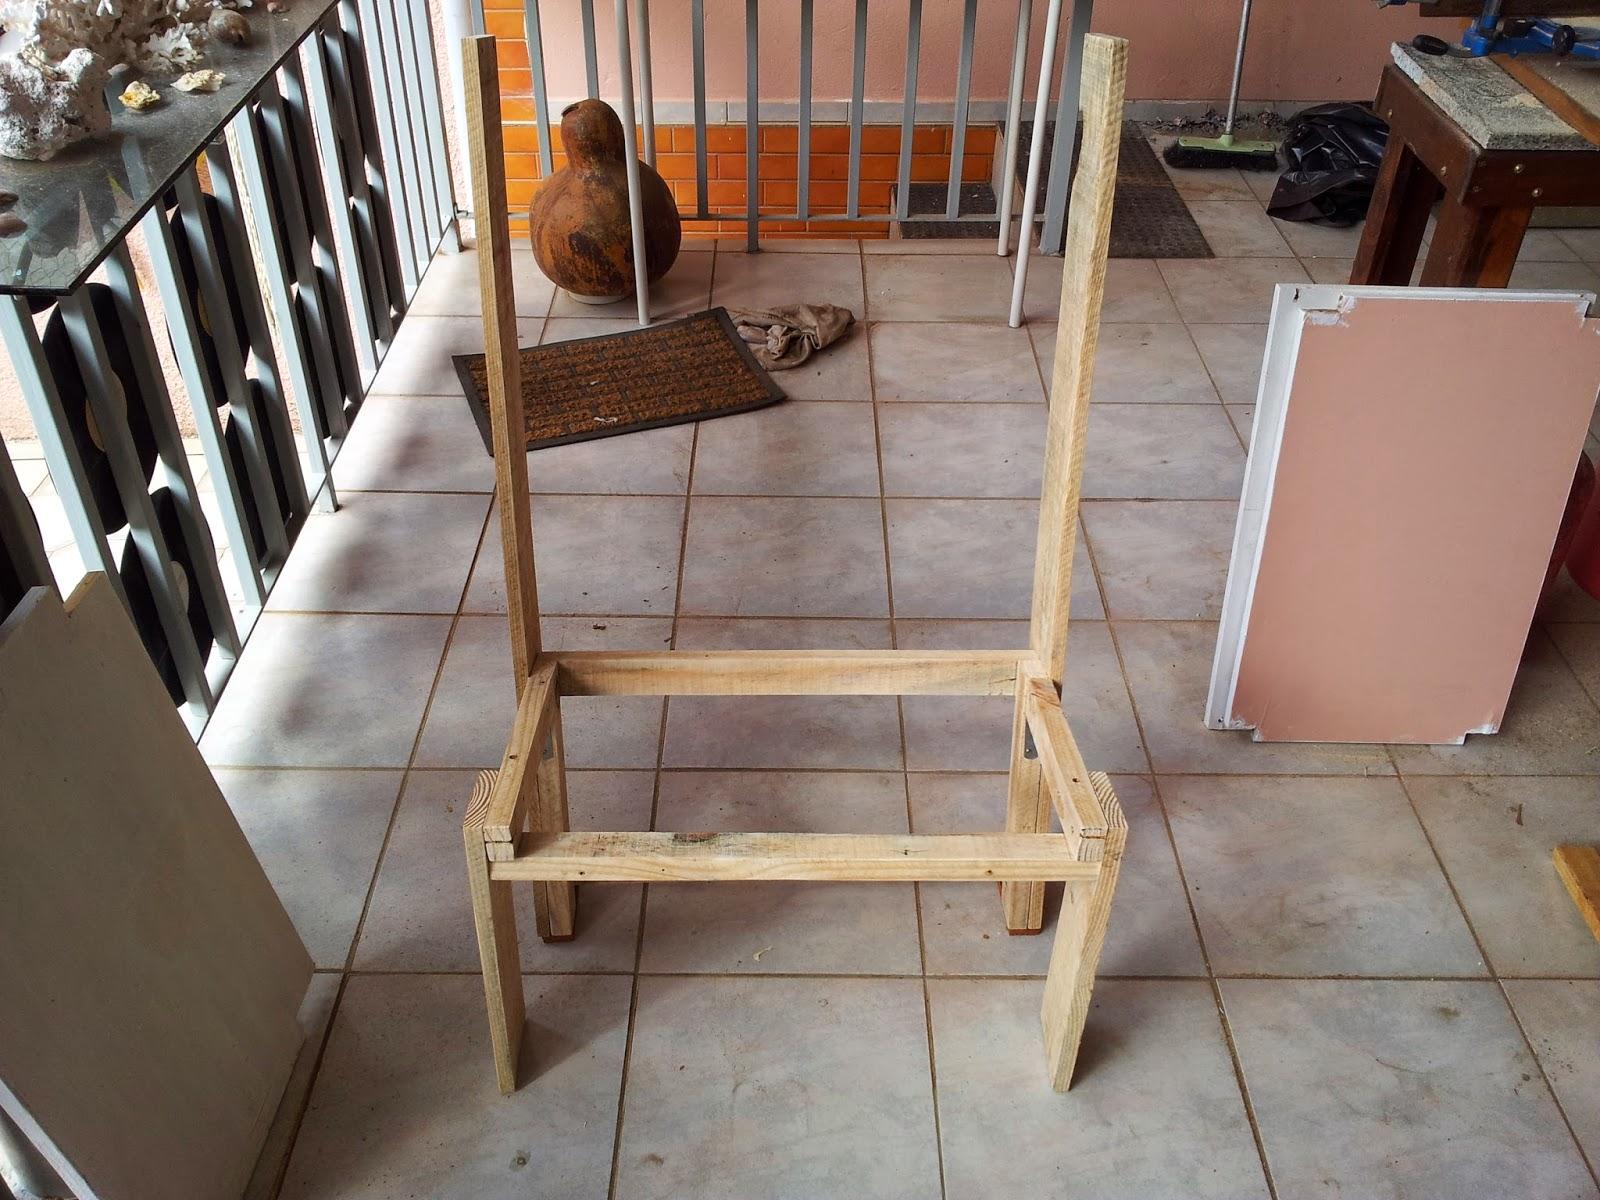 Oficina do Quintal: Como fazer banco de madeira com encosto #A66125 1600x1200